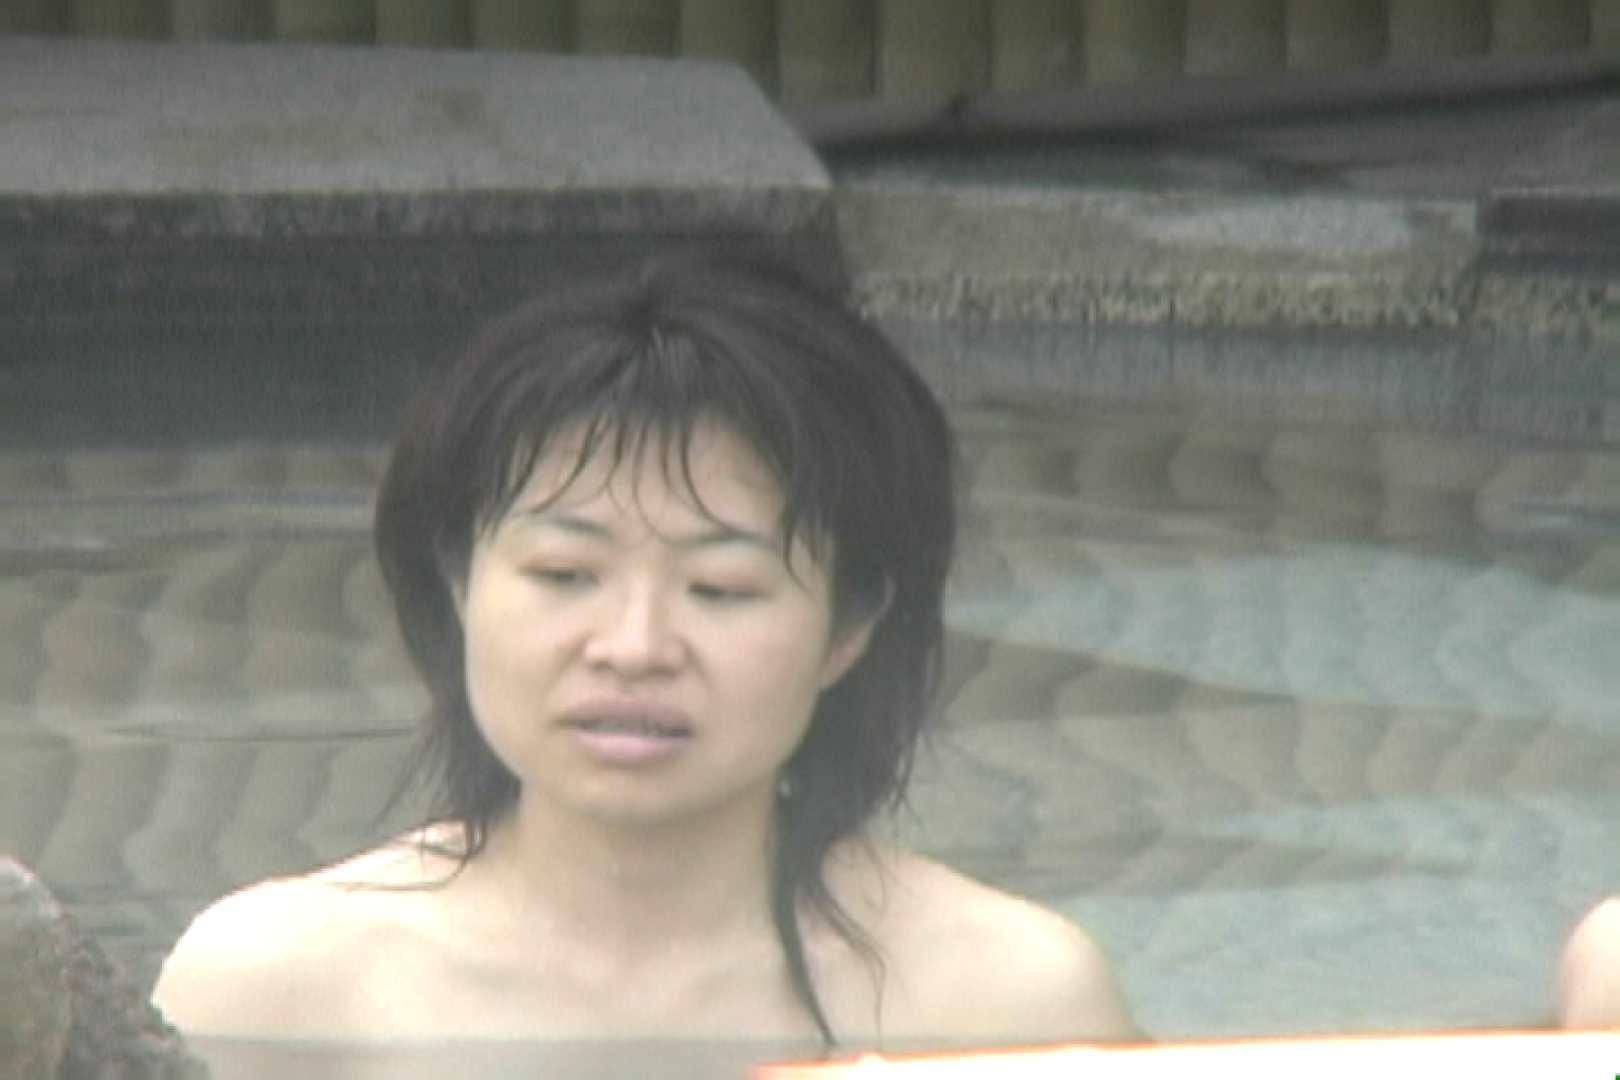 高画質露天女風呂観察 vol.012 露天風呂編 オマンコ無修正動画無料 93PIX 44